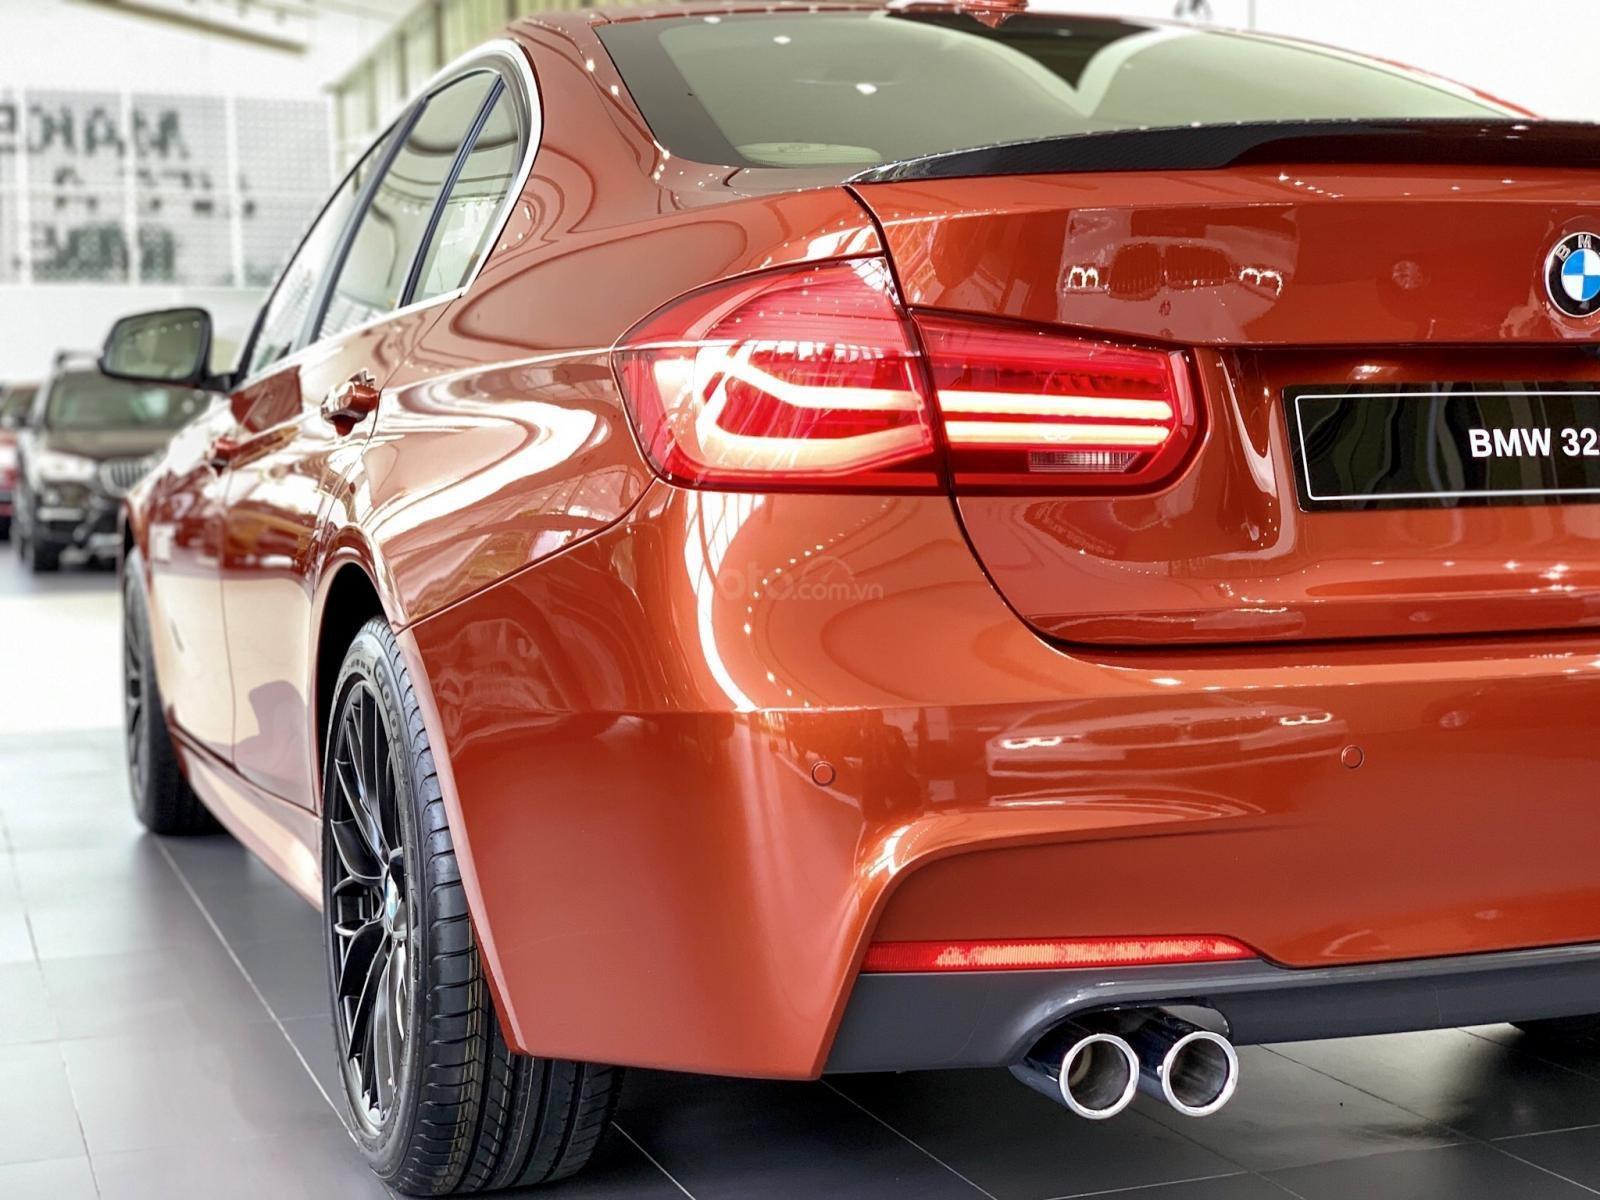 BMW 320i khuyến mãi 270 triệu trong tháng 11 (6)